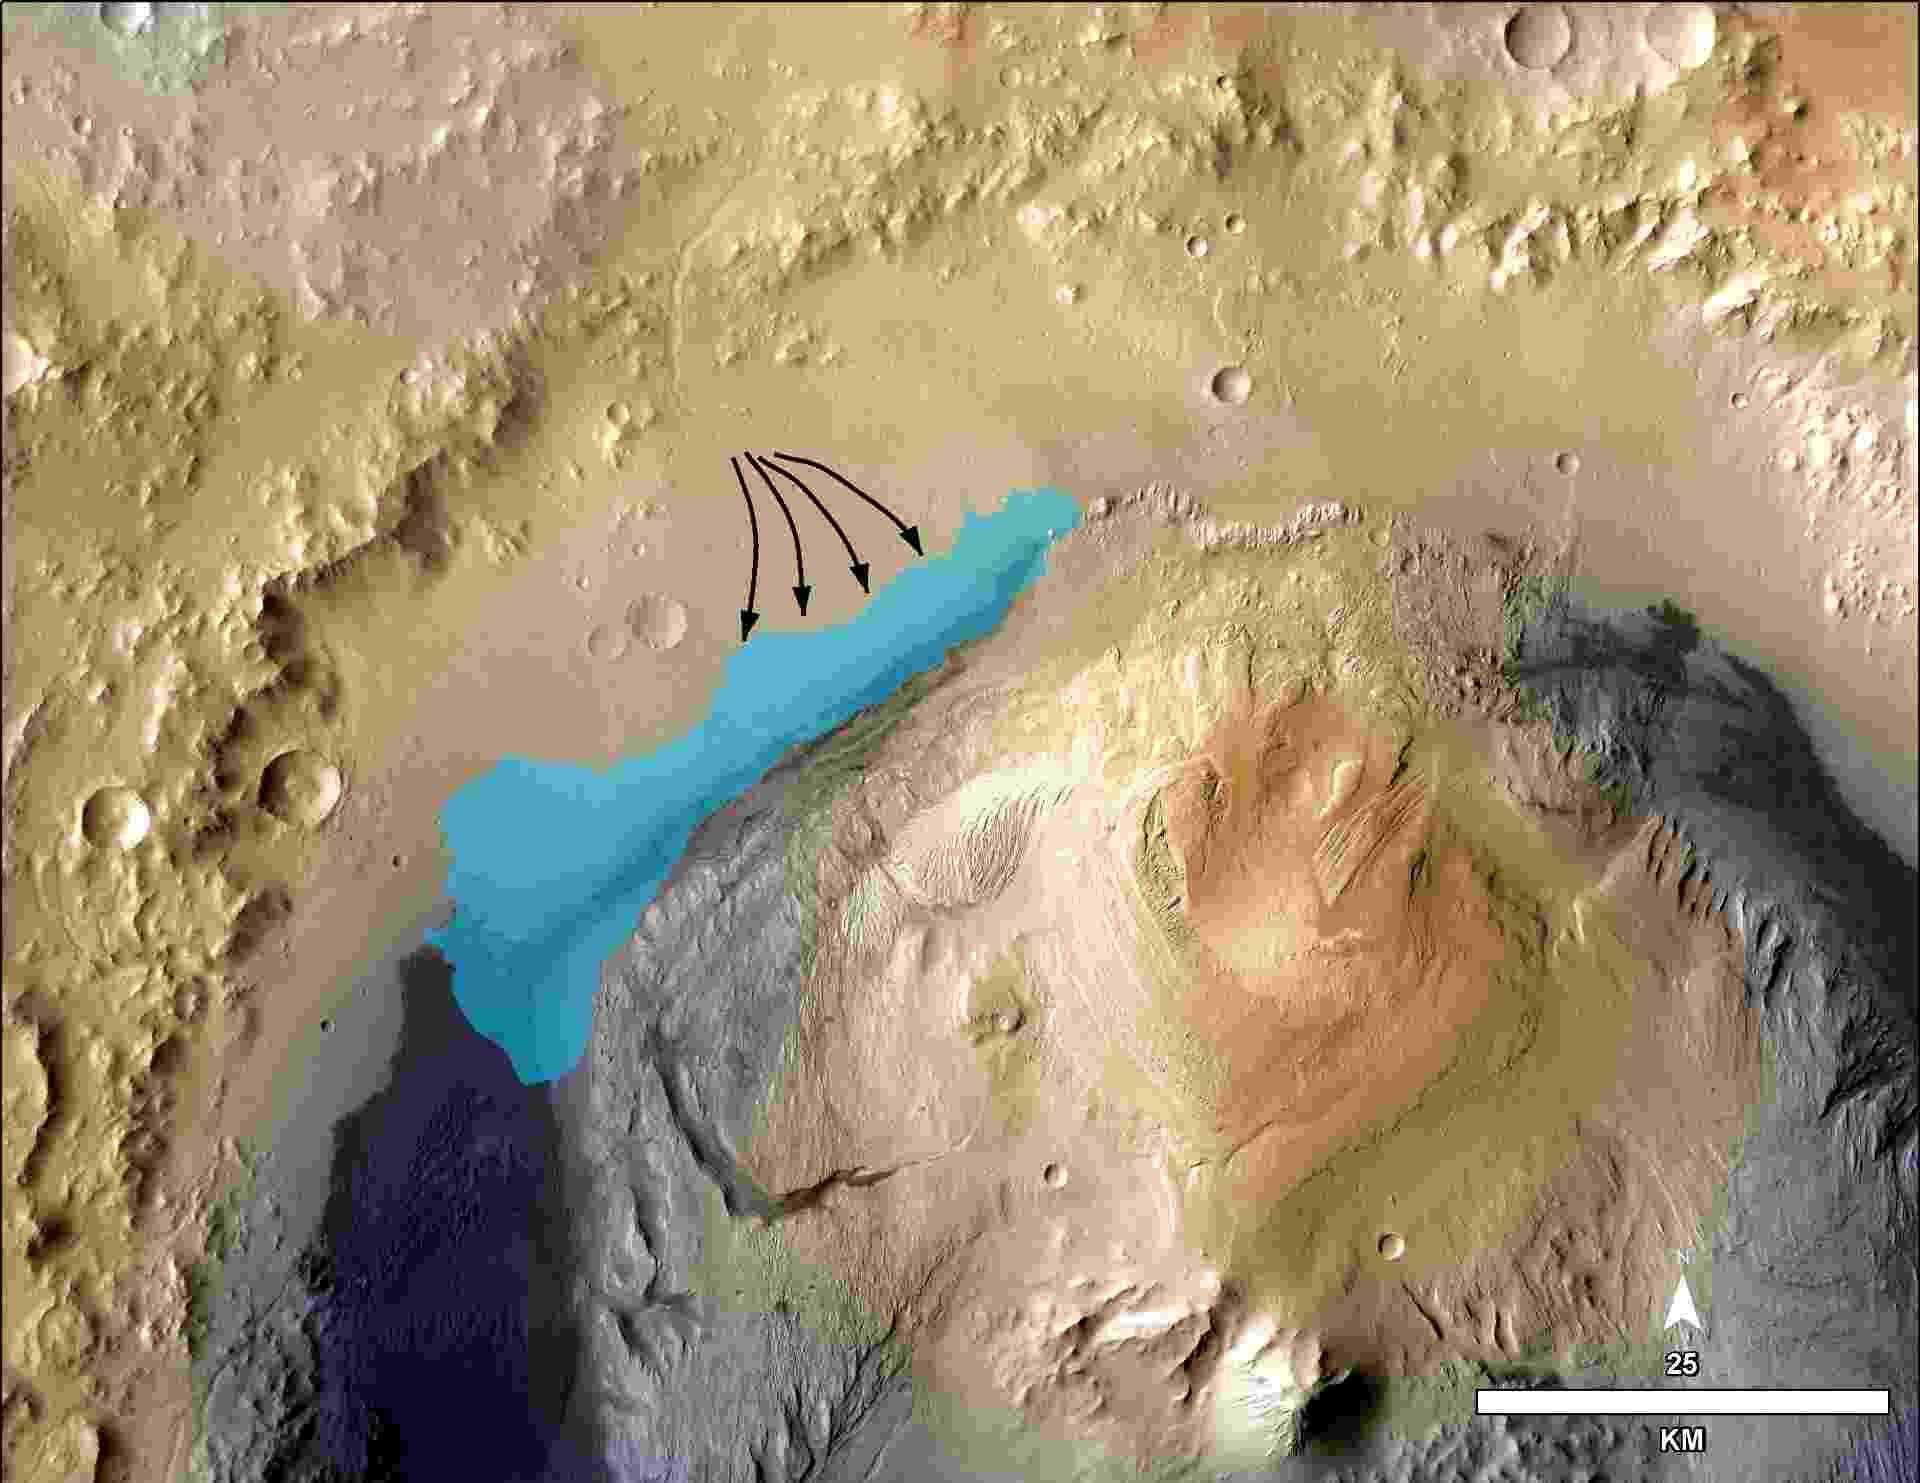 9.dez.2103 - Ilustração mostra concepção de possível extensão de lago nos primórdios da cratera Gale, em Marte. Cientistas acreditam que a sonda Curiosity, enviada pela Agência Espacial Norte-Americana (Nasa) a Marte, encontrou no planeta um local que já foi um lago com capacidade de abrigar vida, tendo teoricamente permitido que micróbios  habitassem e se reproduzissem em suas águas - Nasa/JPL-Caltech/MSSS